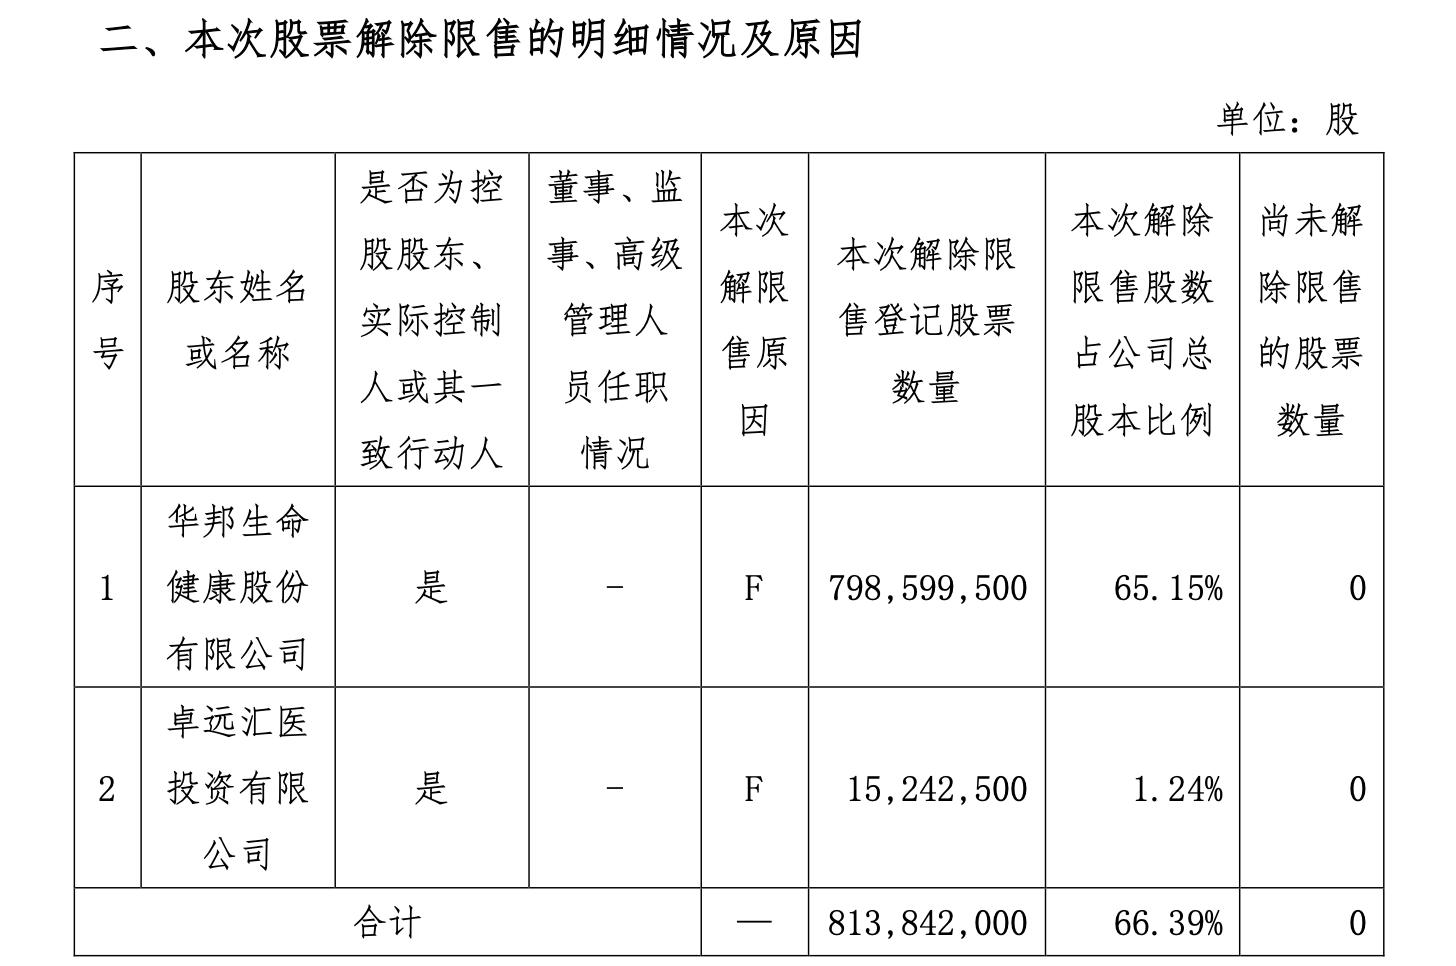 颖泰生物8.1亿股股票将于8月11日解禁占总股本比例达到66%